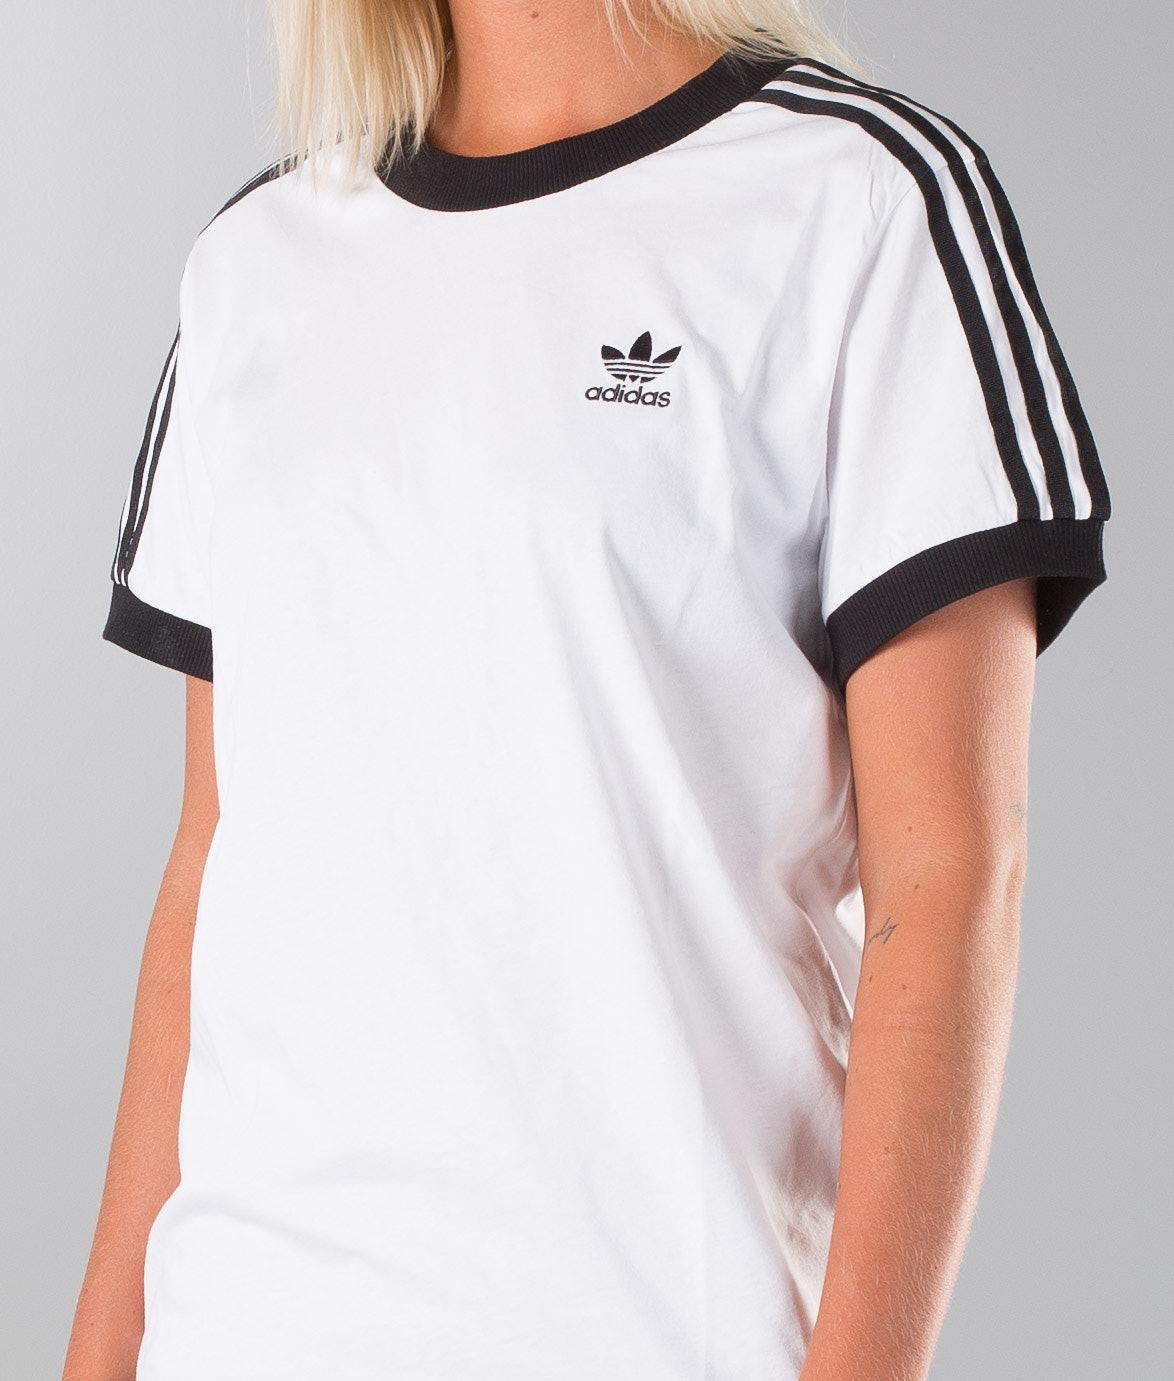 8277dedf3 Adidas Originals 3 Stripes T-shirt White - Ridestore.com